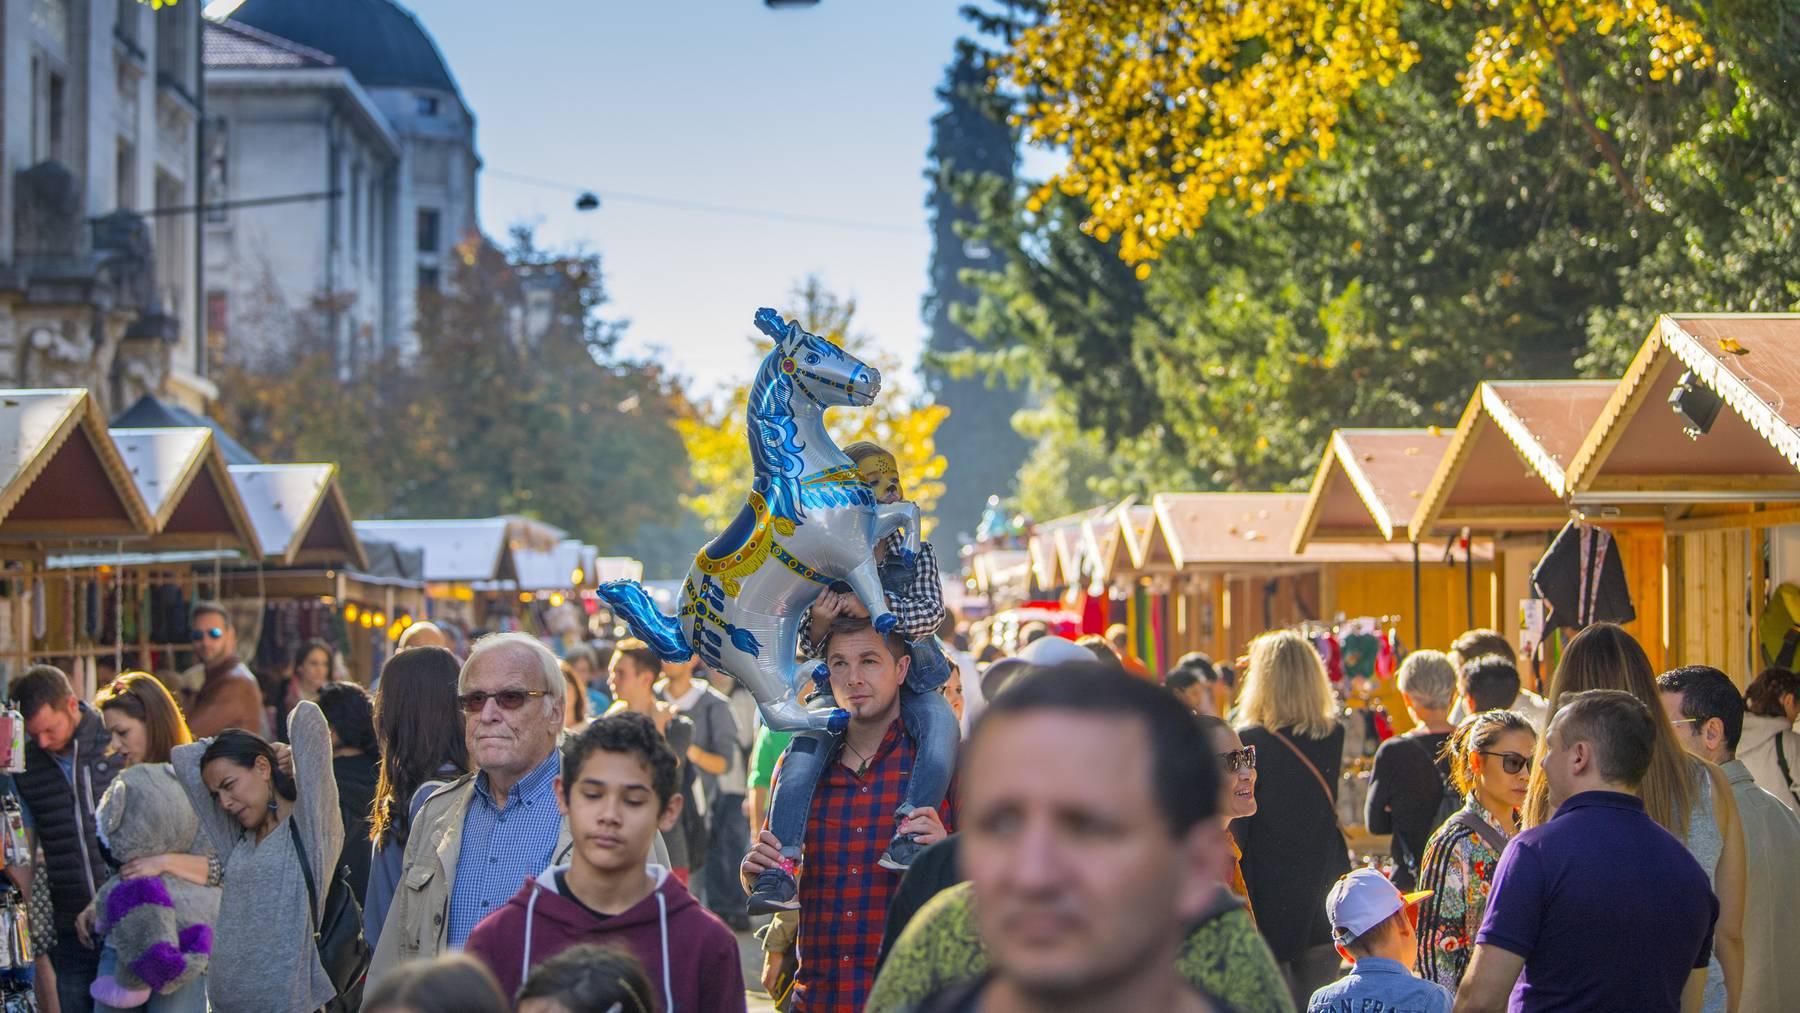 Das schöne Wetter war für die Jahrmarkt-Aussteller ein Segen - nicht so für die Olma Messen